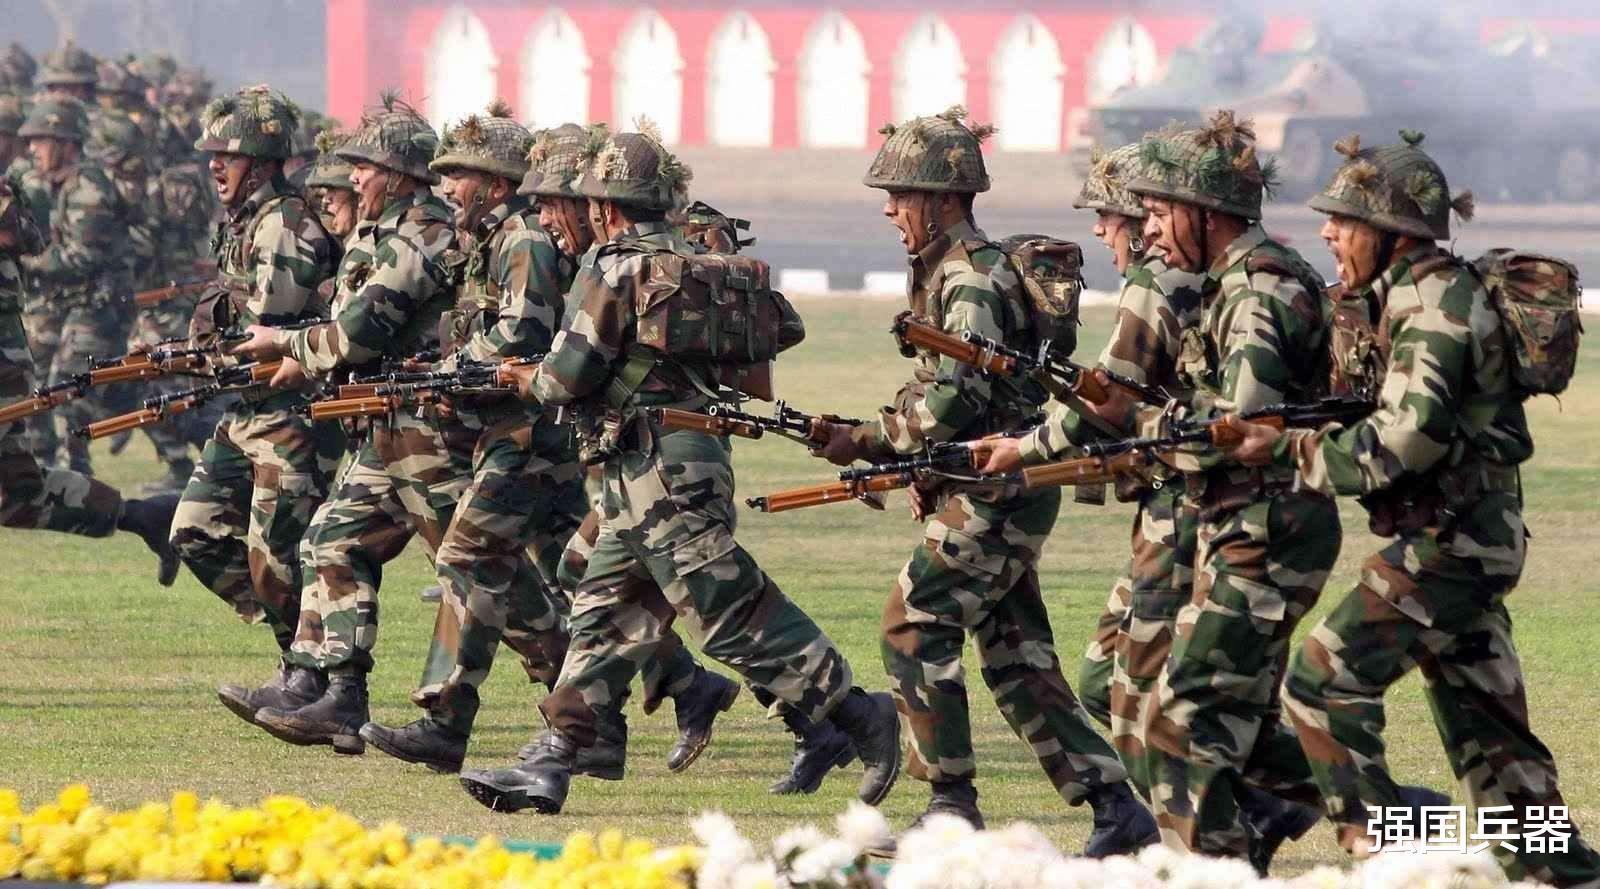 堅持不下去瞭?印媒再度曝光出印度軍隊邊境過冬困境,困難極大!-圖3